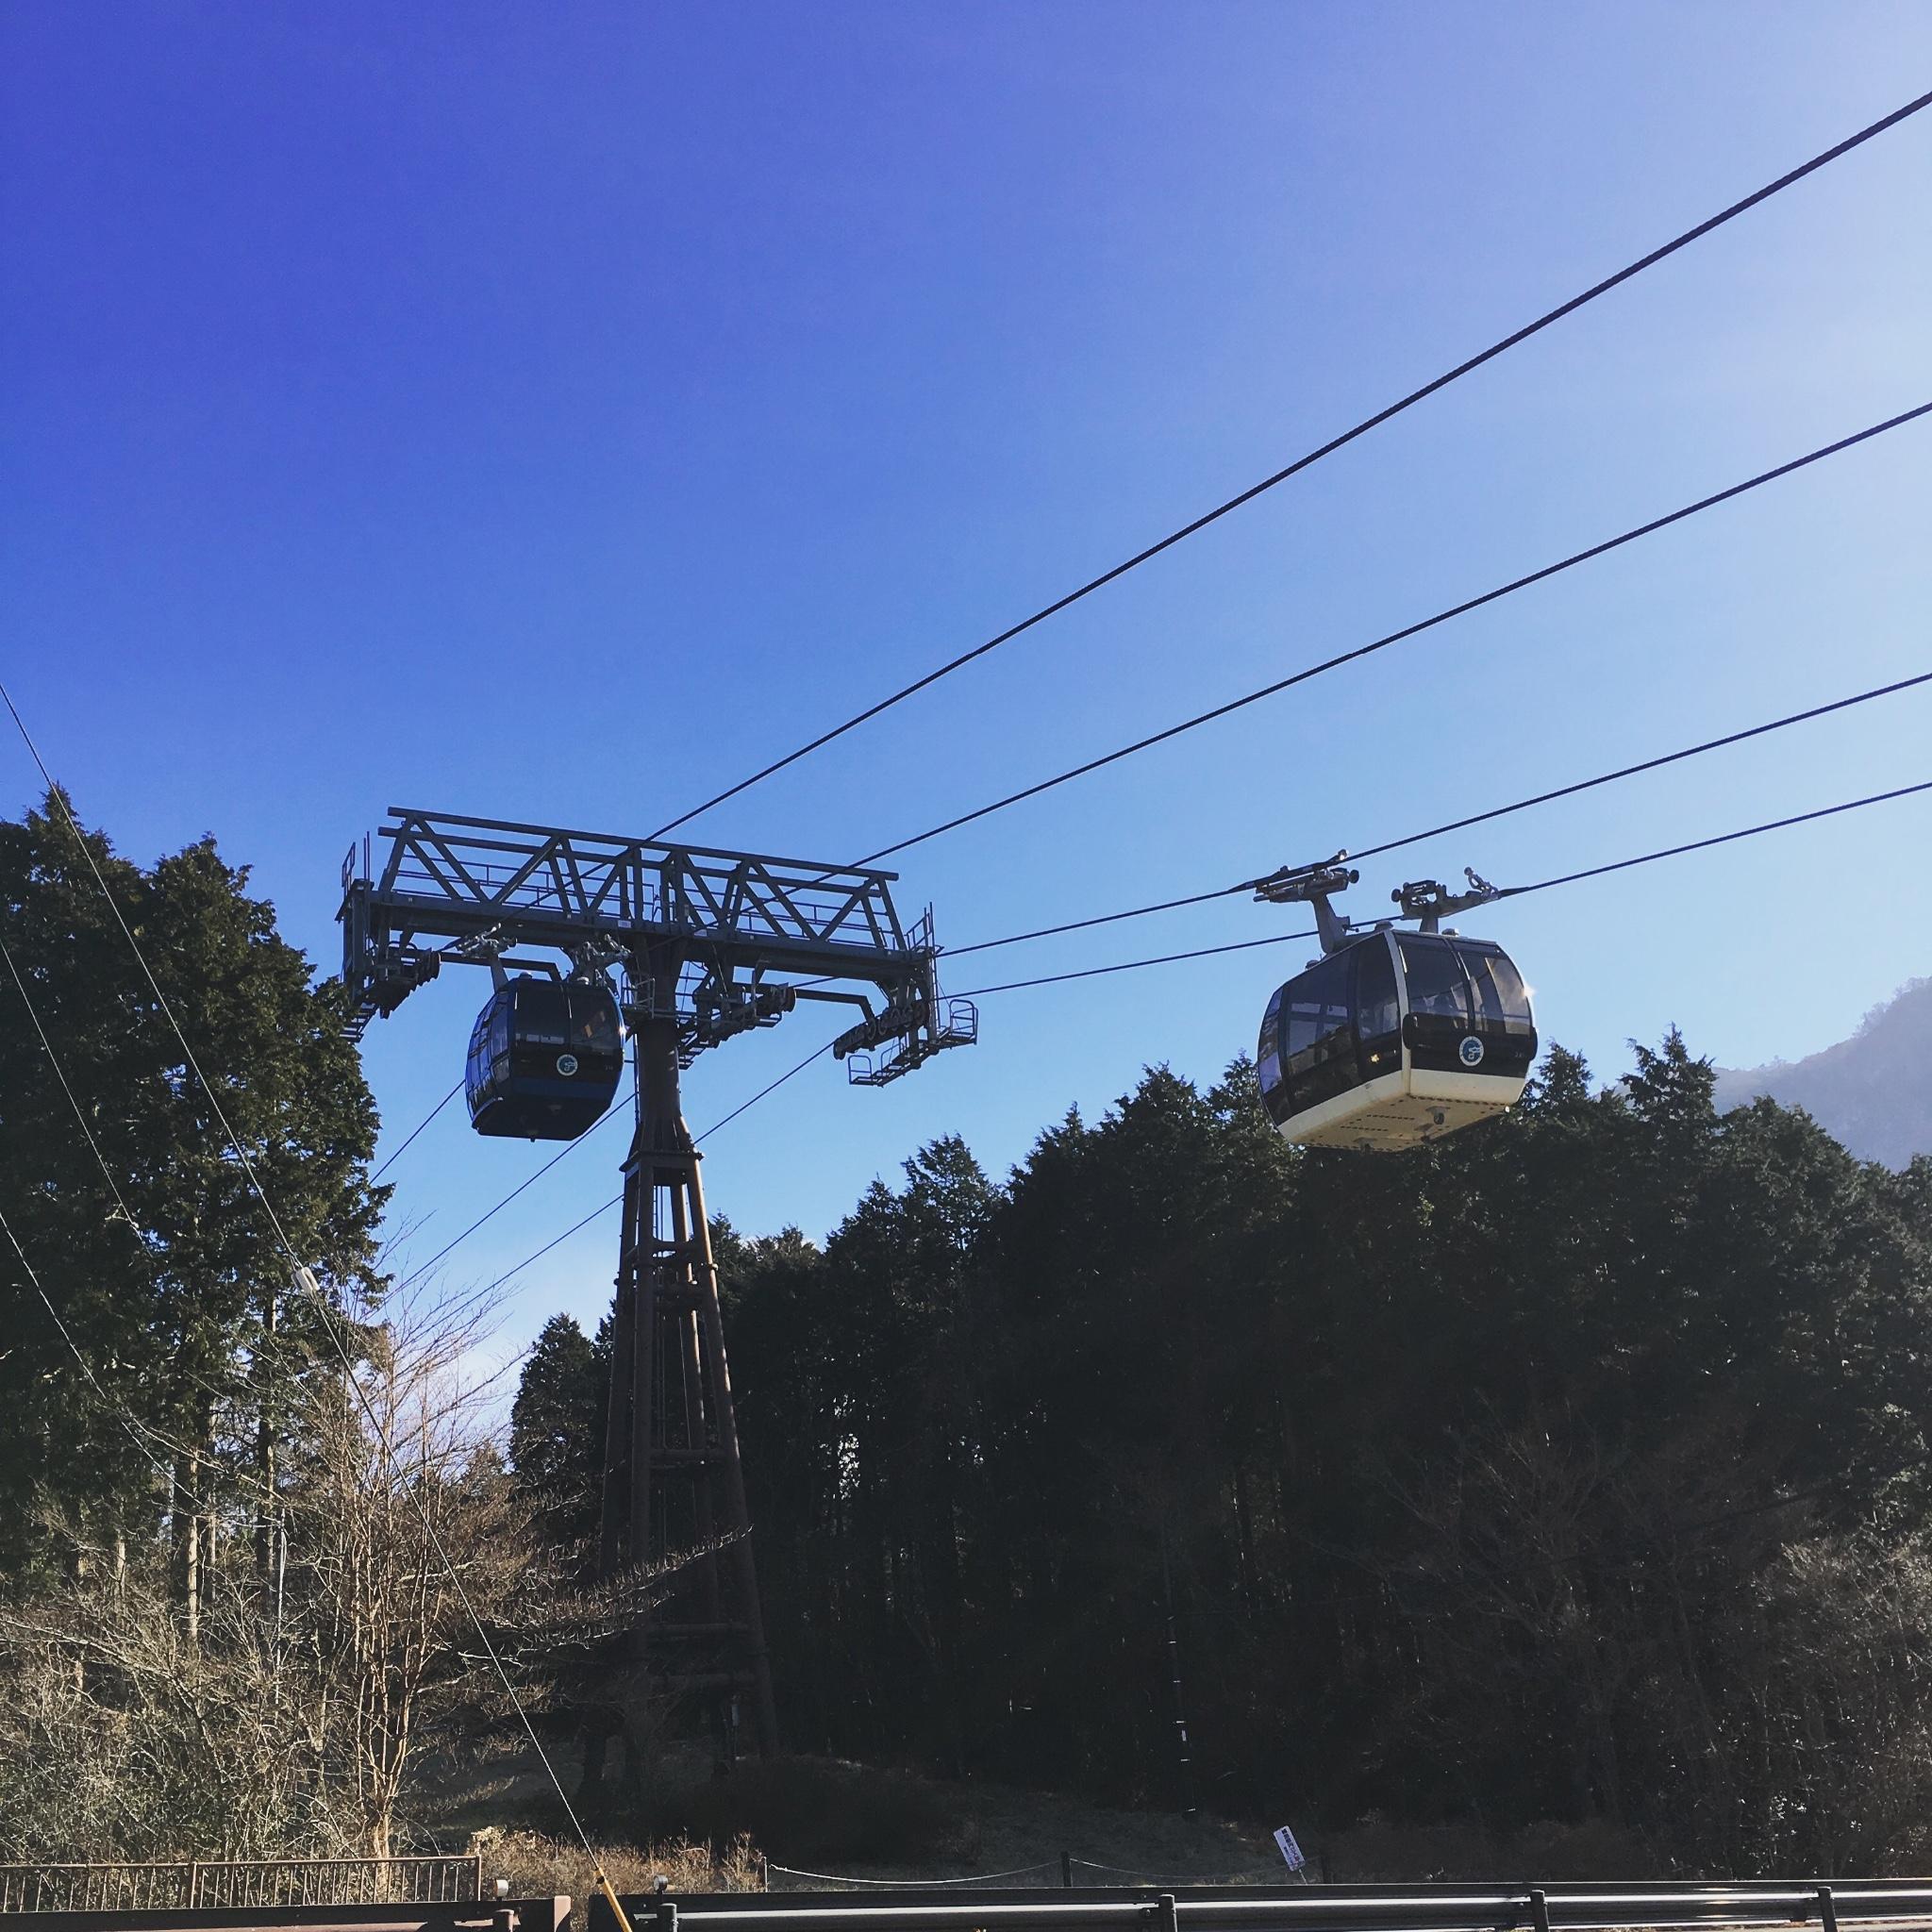 箱根驹之岳空中缆车